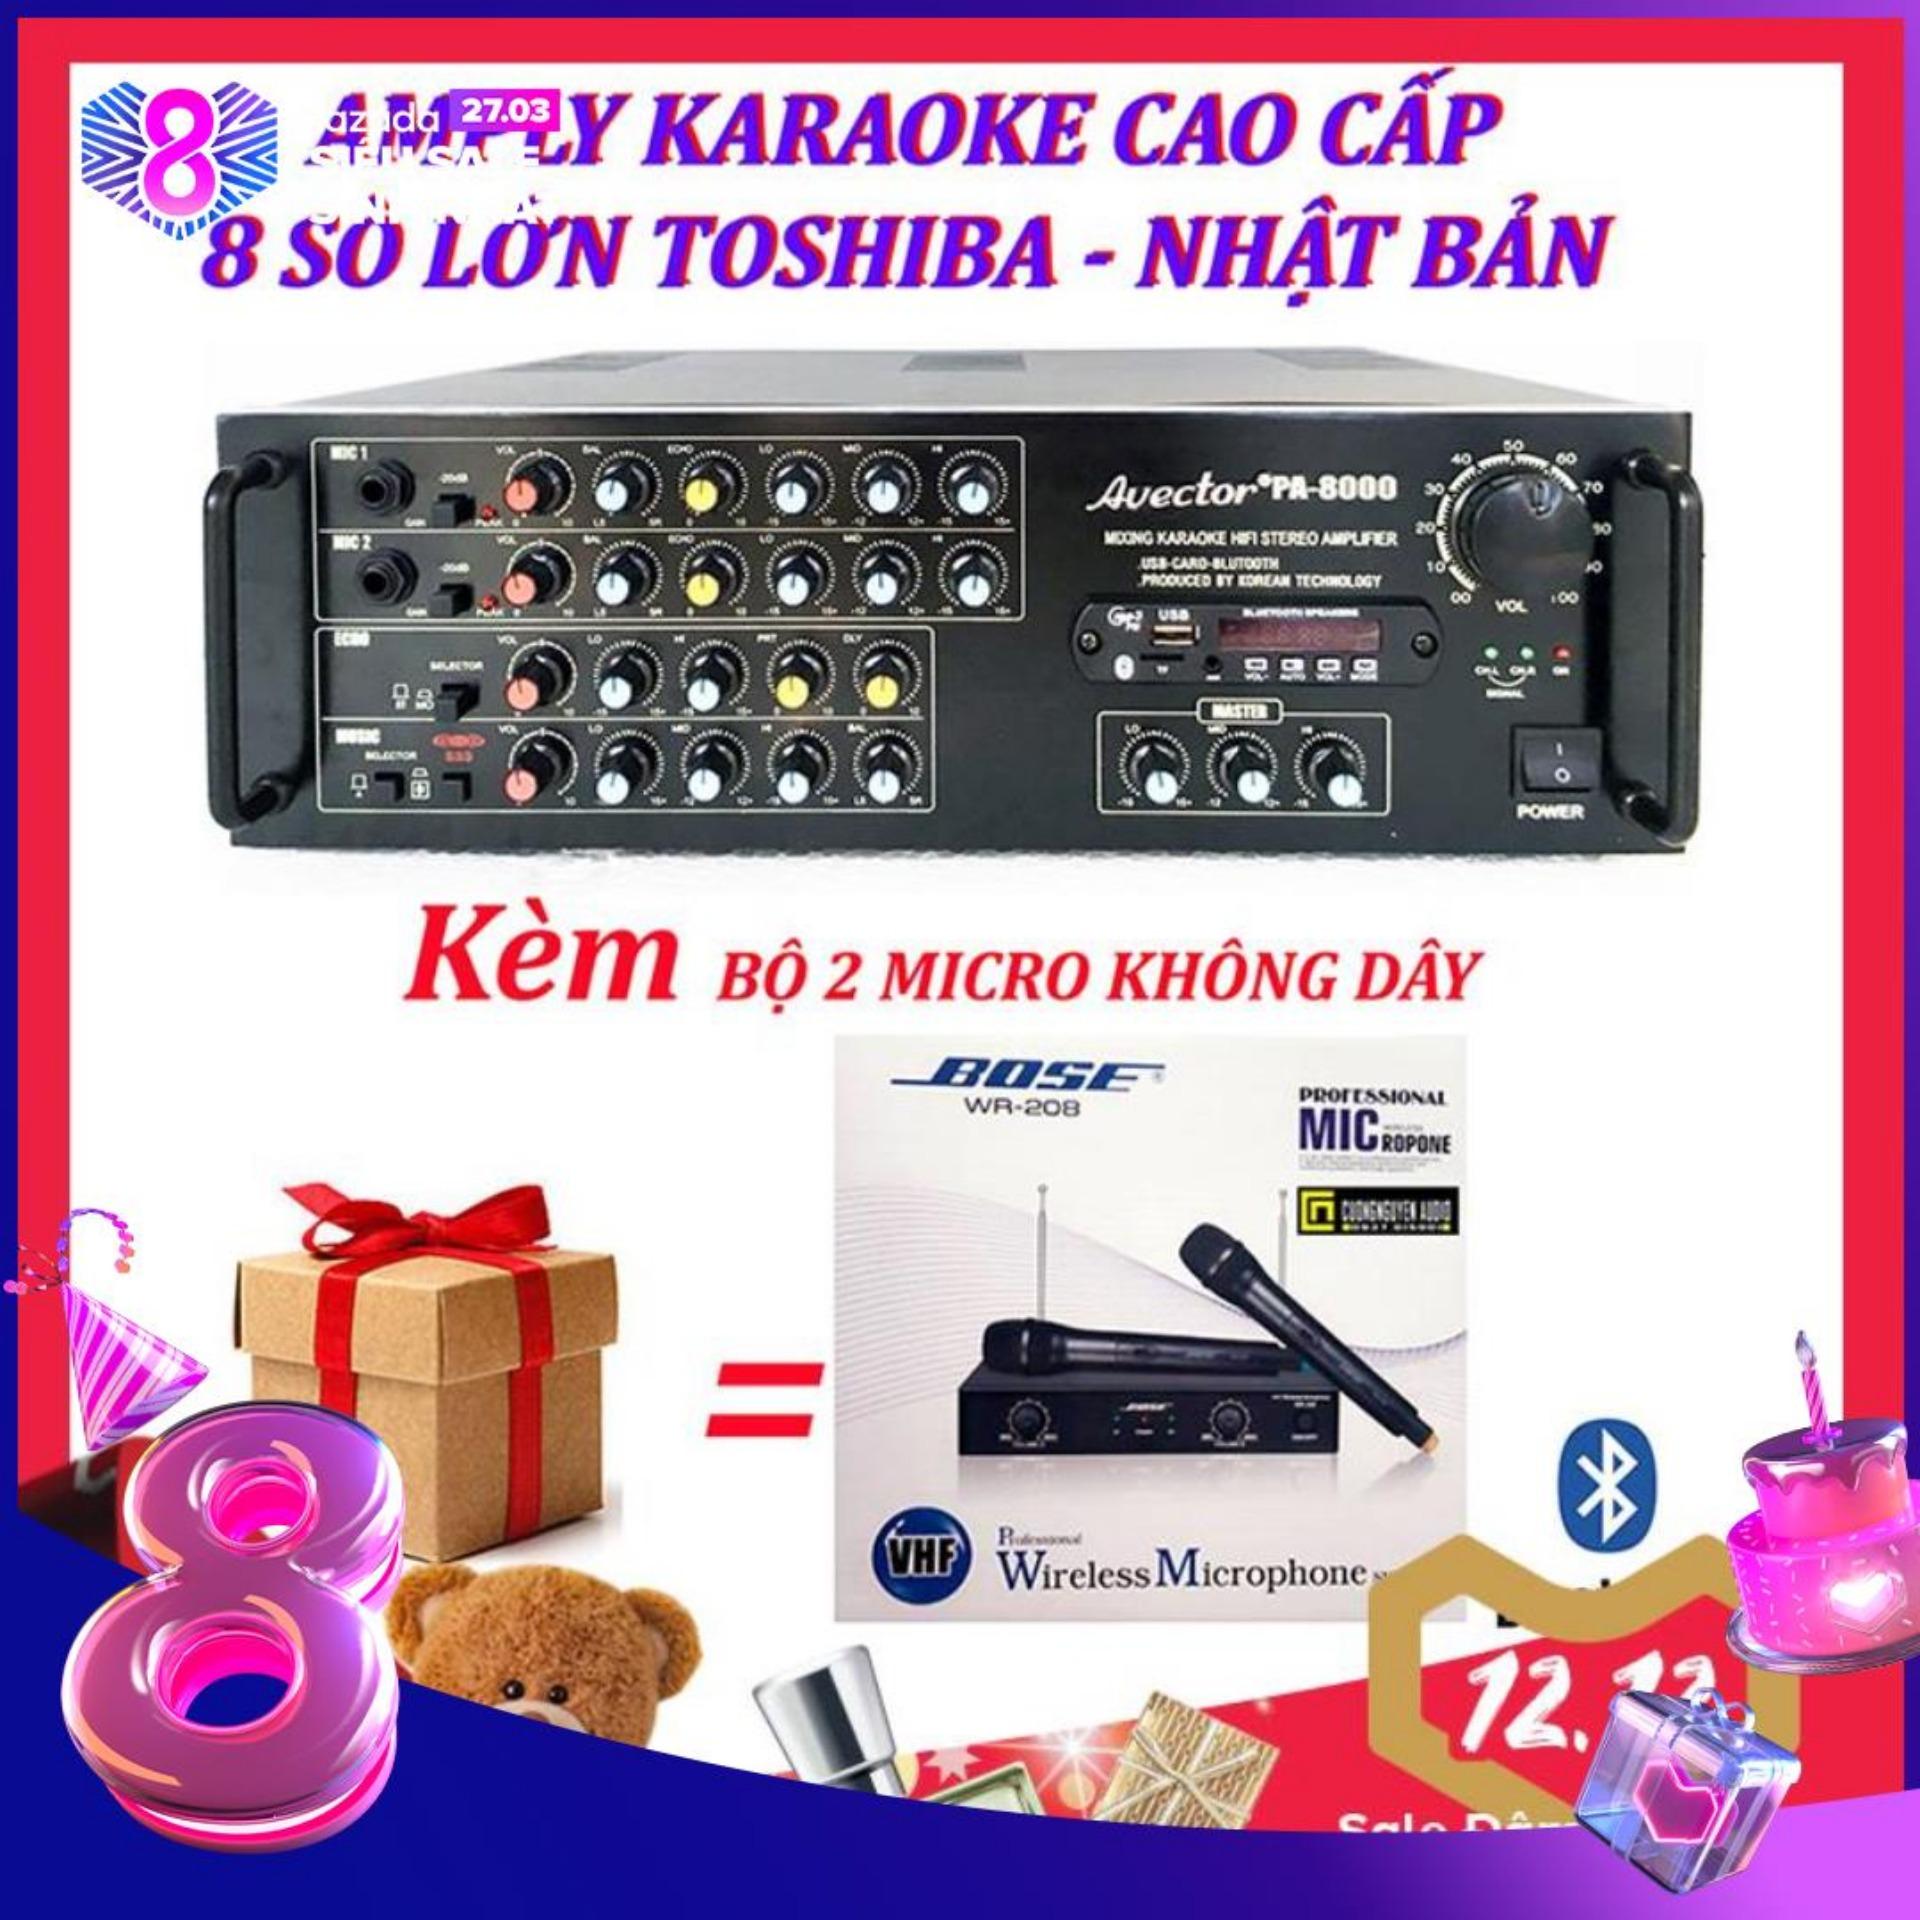 Amply karaoke ampli karaoke amply bluetooth nghe nhạc amply hat karaoke AVECTOR 8000 kèm 2 micro không dây bs208